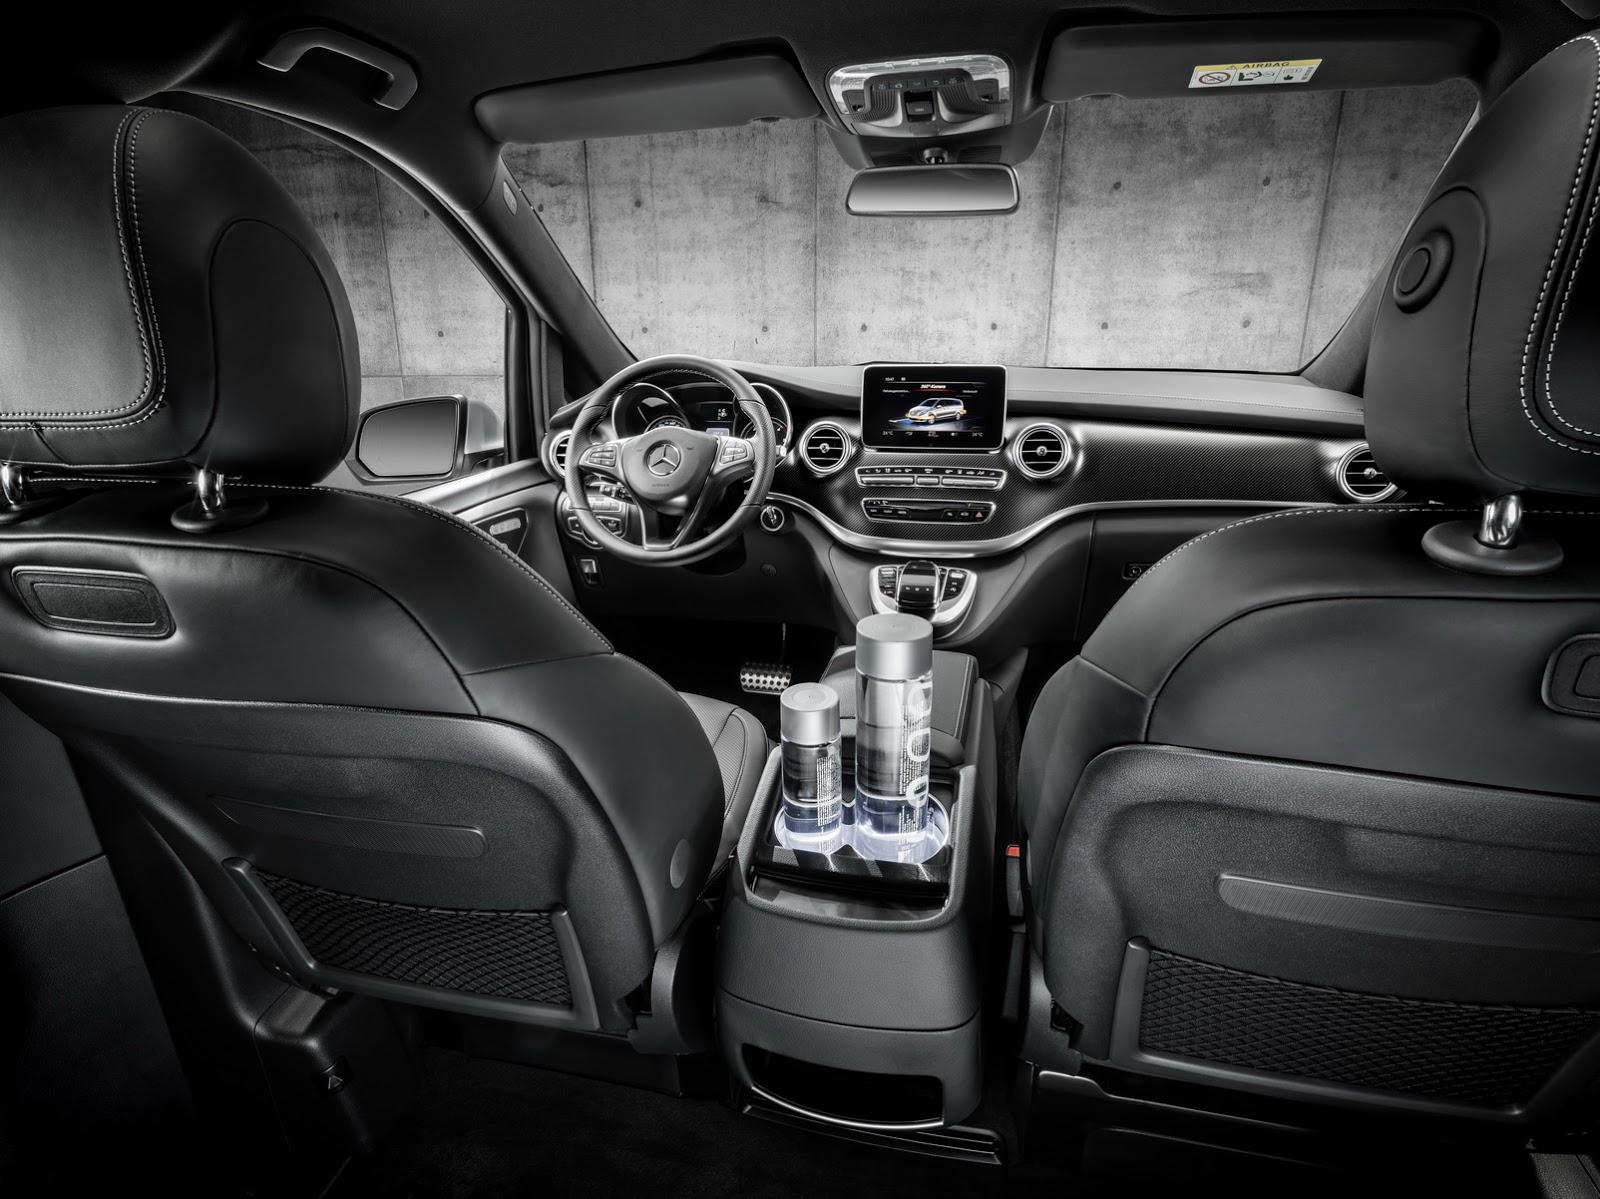 Mercedes-Benz V-Class chính thức được sản xuất & bán tại Trung Quốc